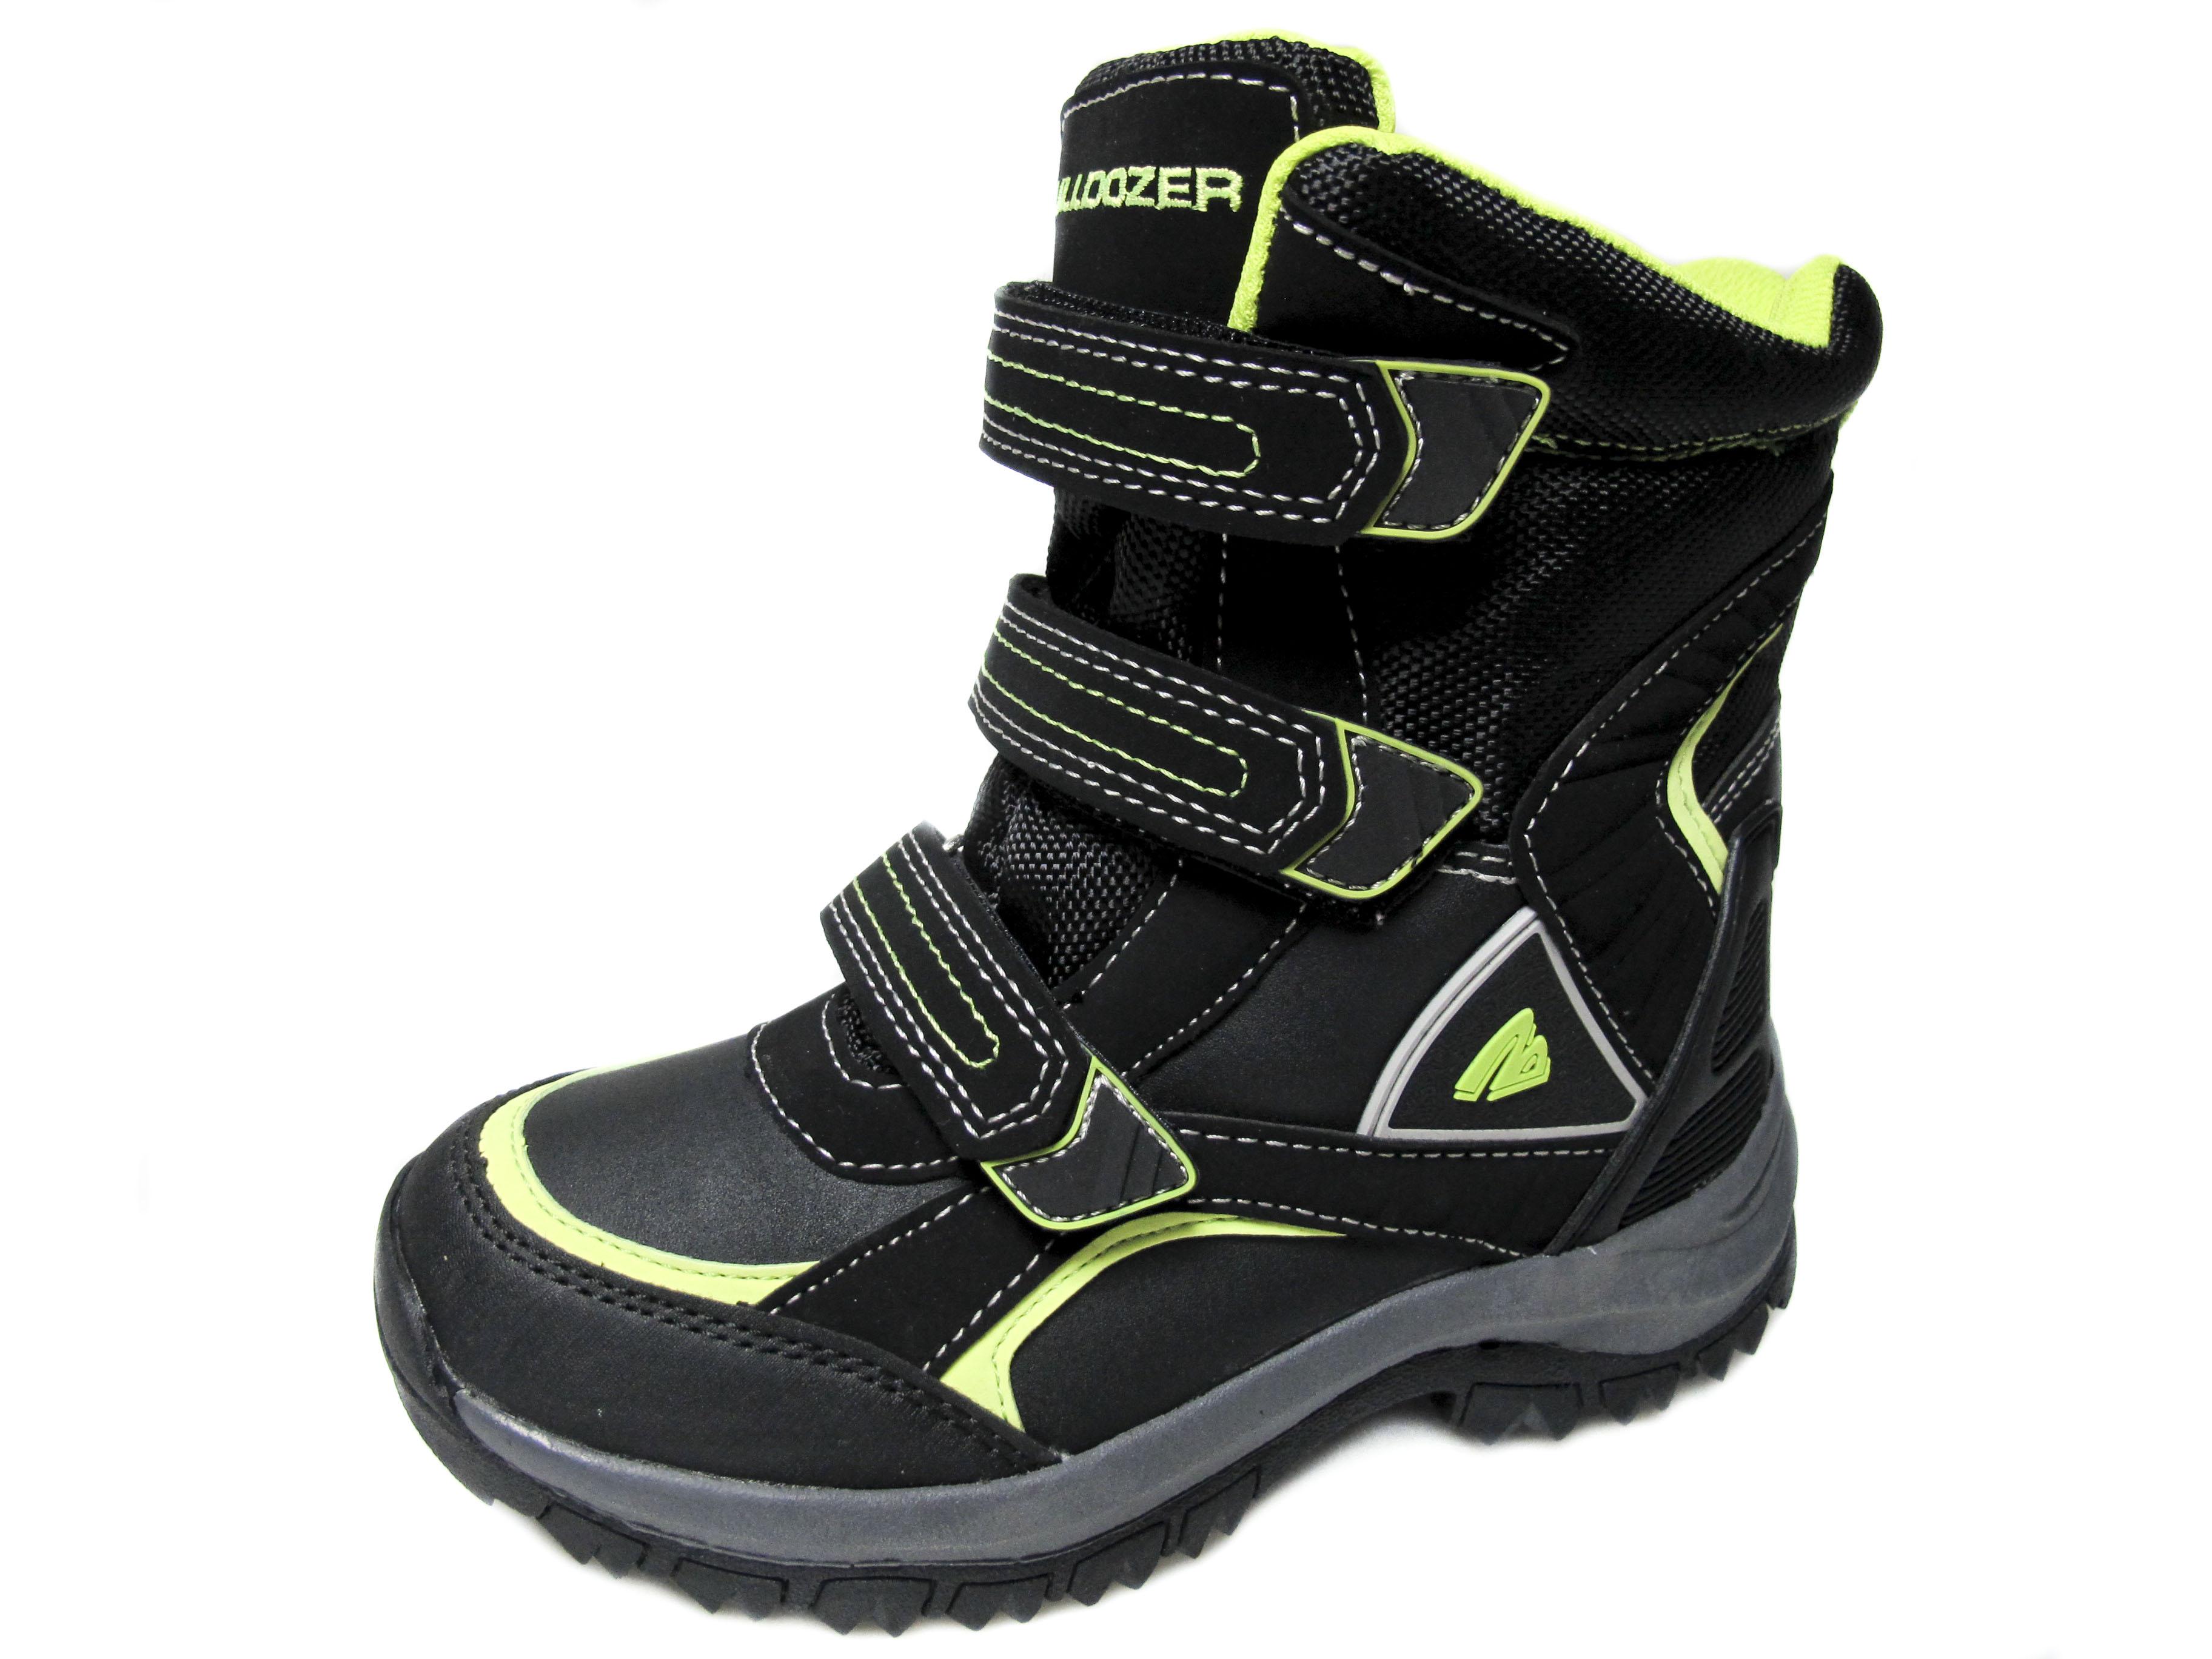 fe89a6e047a Детски зимни боти Bulldozer еко кожа 158-4455 | Детски обувки за ...